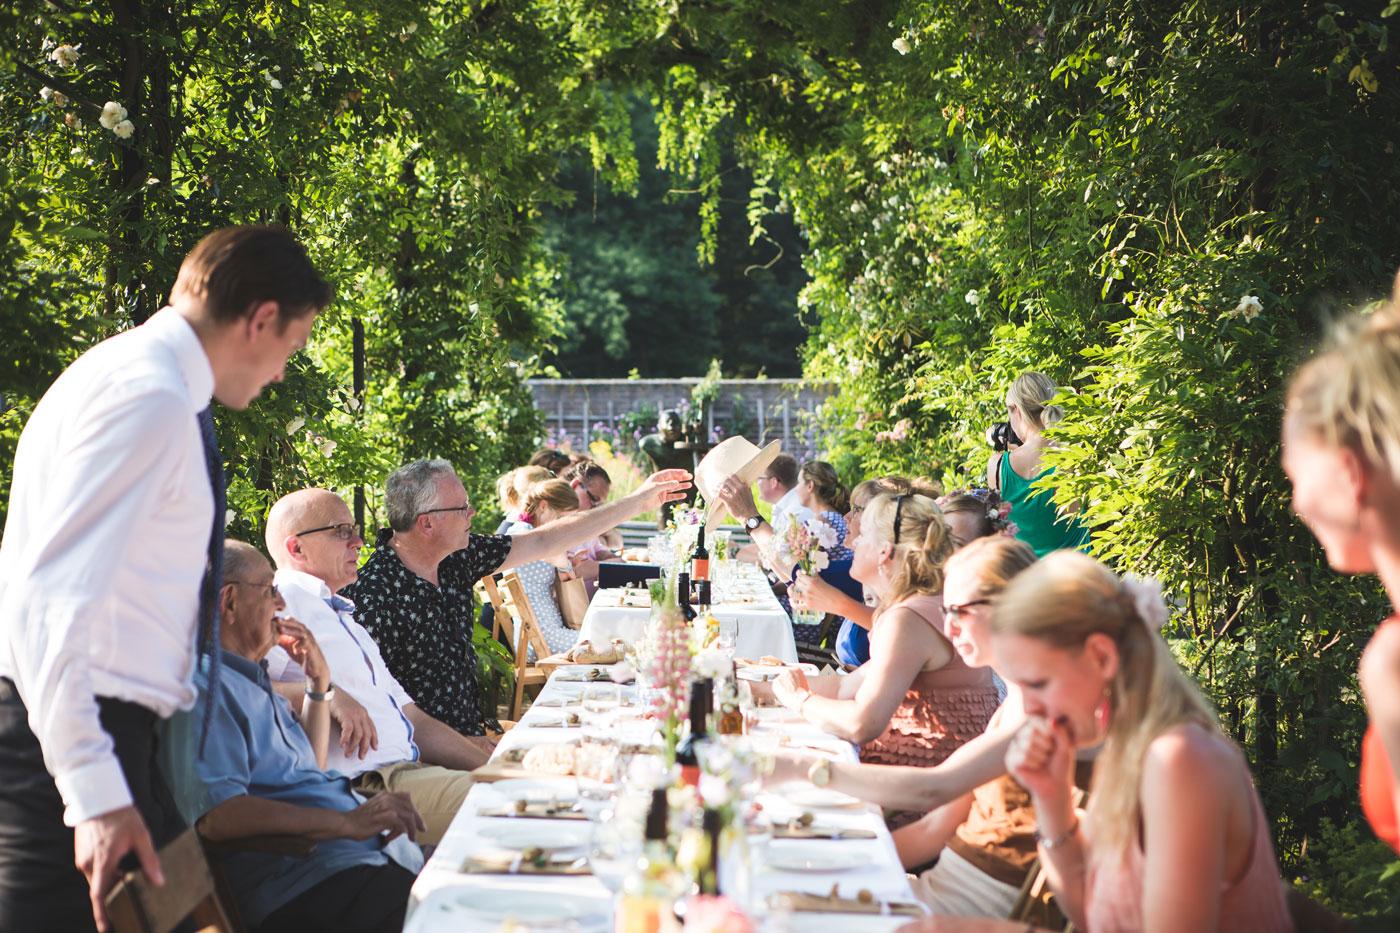 kookkunsten-mediterrane-catering-arnhem-lange-tafel-familie